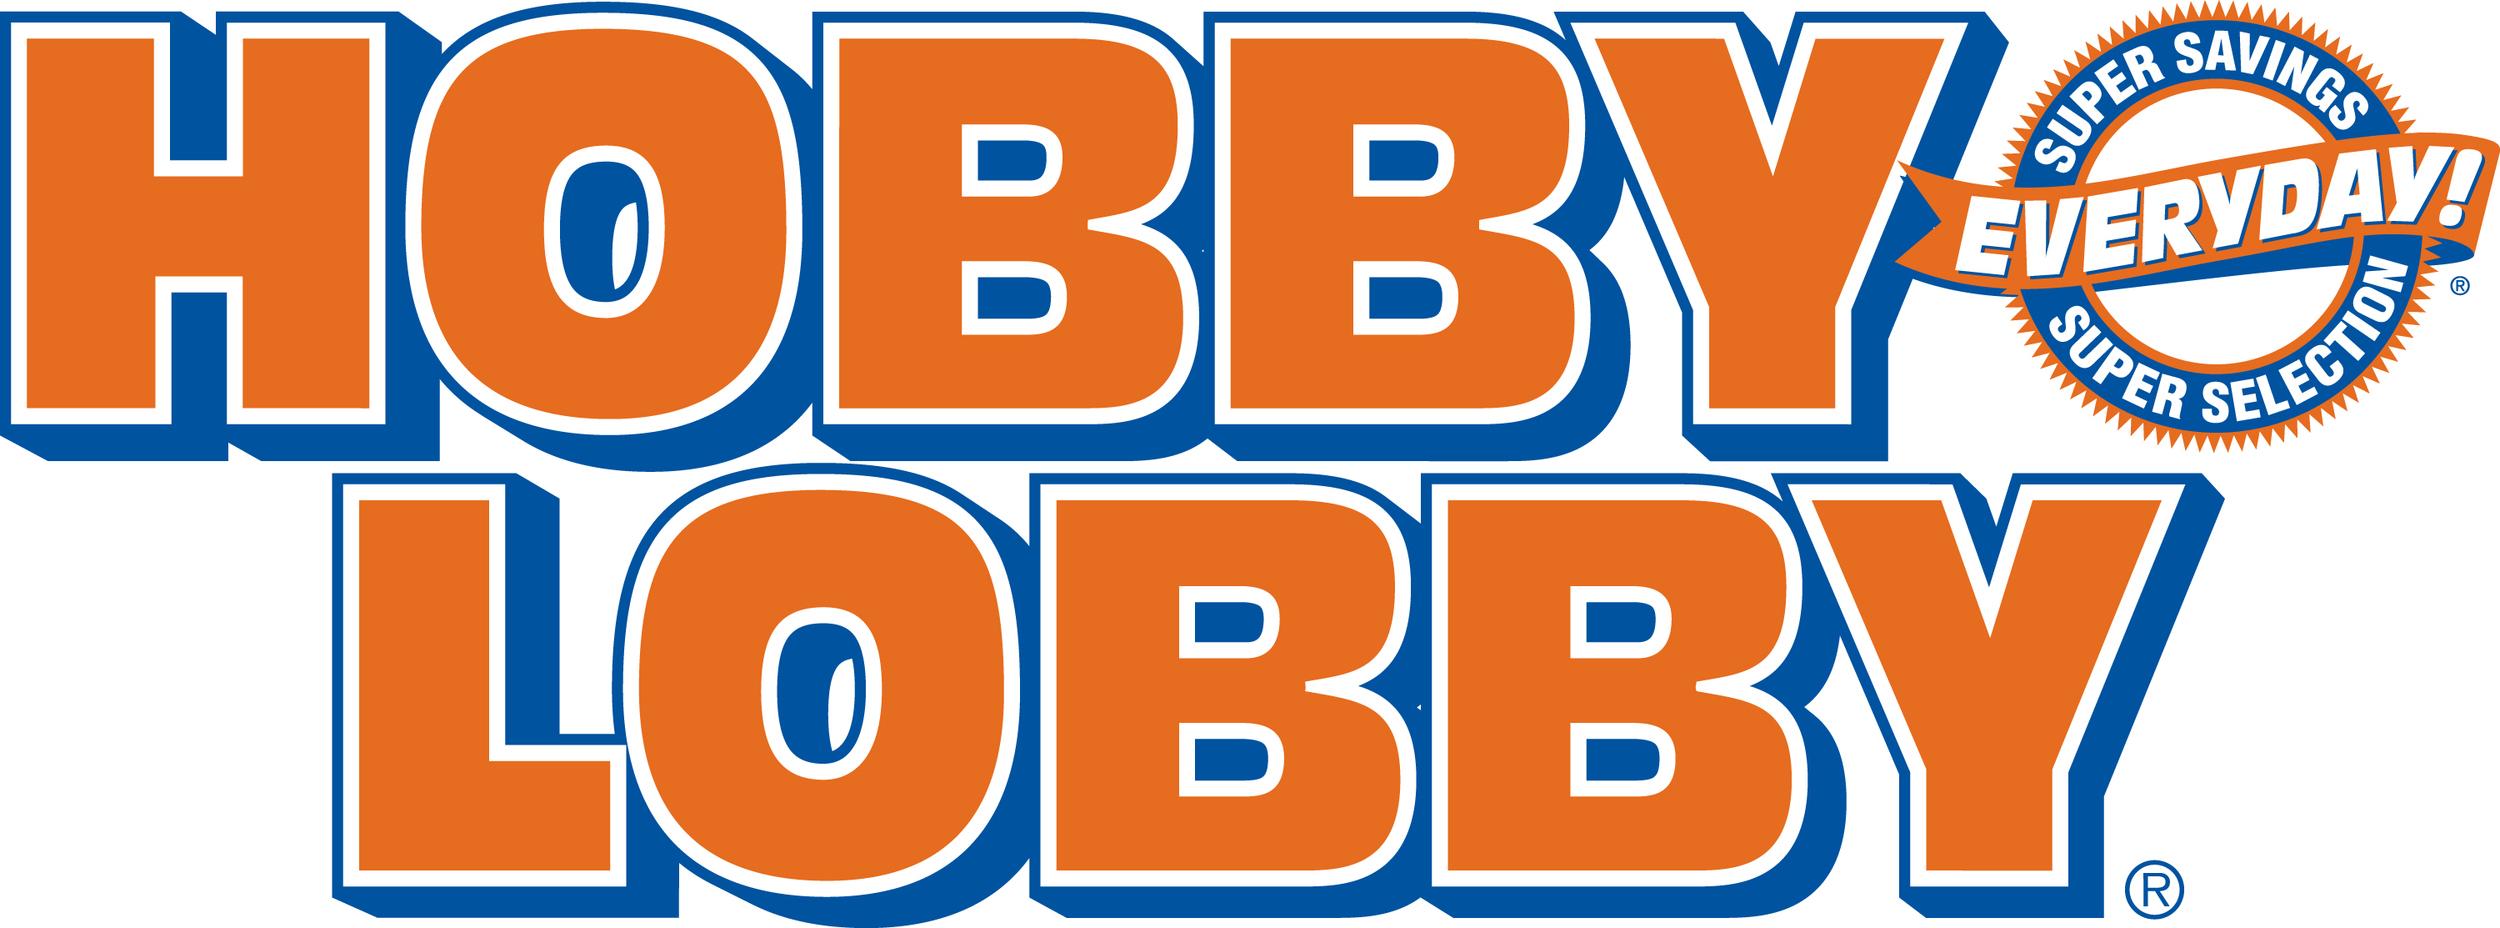 Hobby Lobby.jpeg